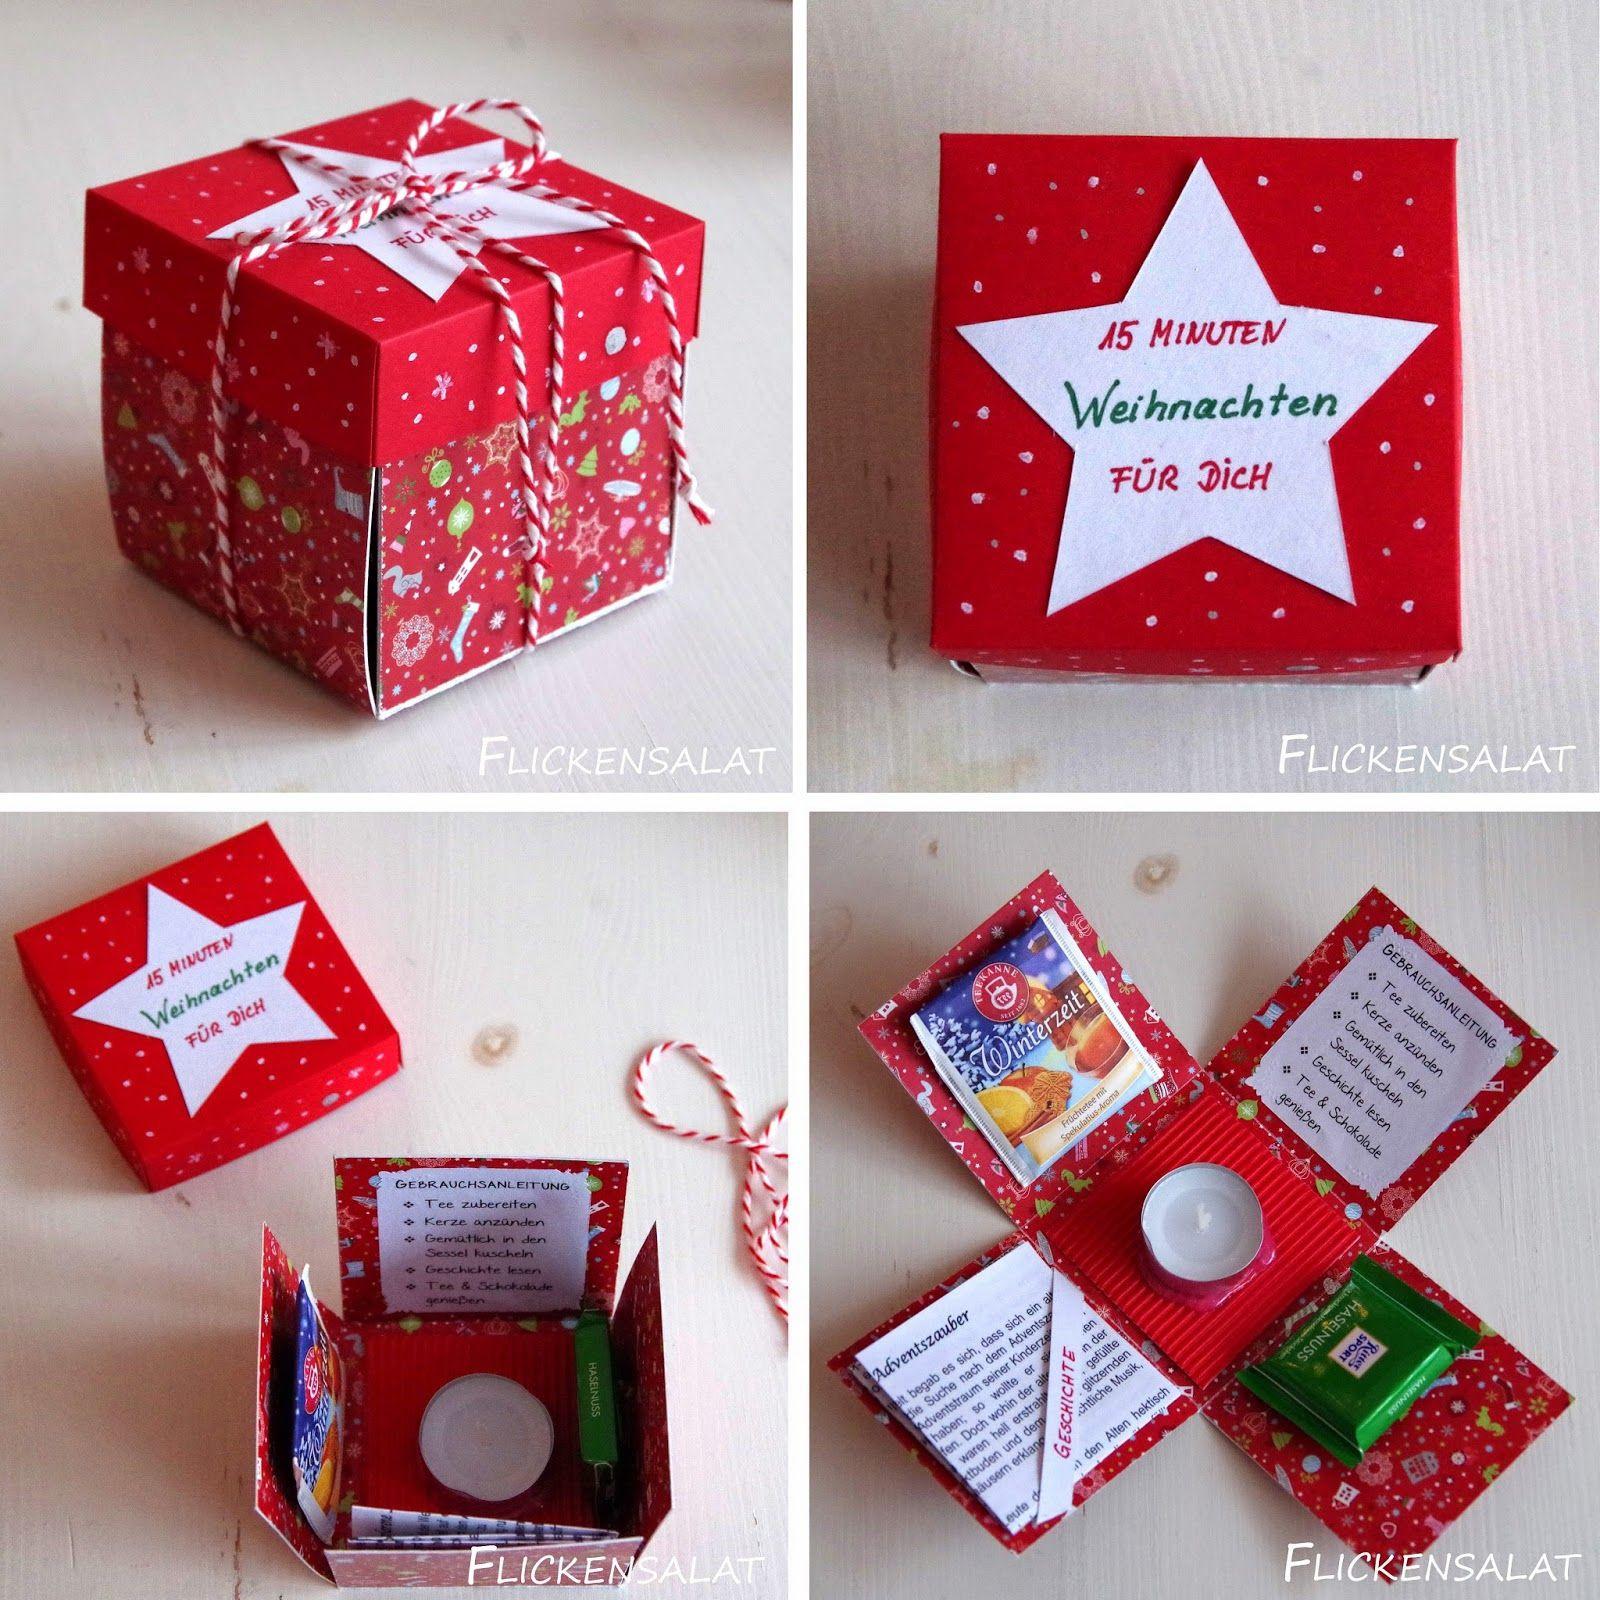 Geschenkideen Wichteln  Die 15 Minuten Weihnachten Box Nice